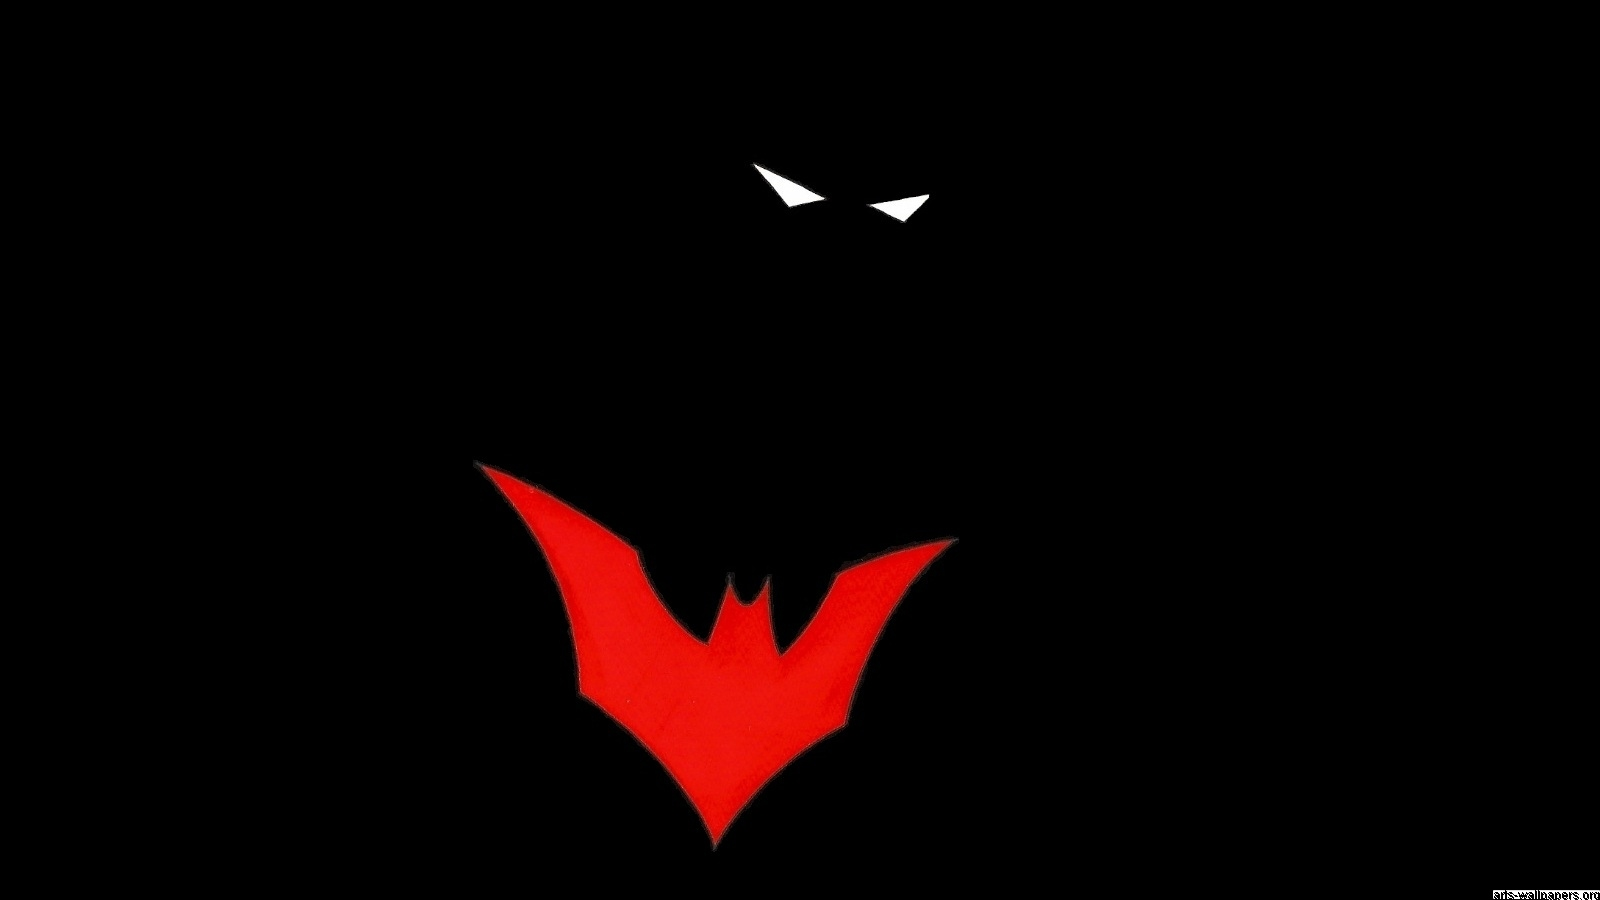 Batman Beyond Wallpaper - WallpaperSafari  Batman Beyond Logo Wallpaper Hd